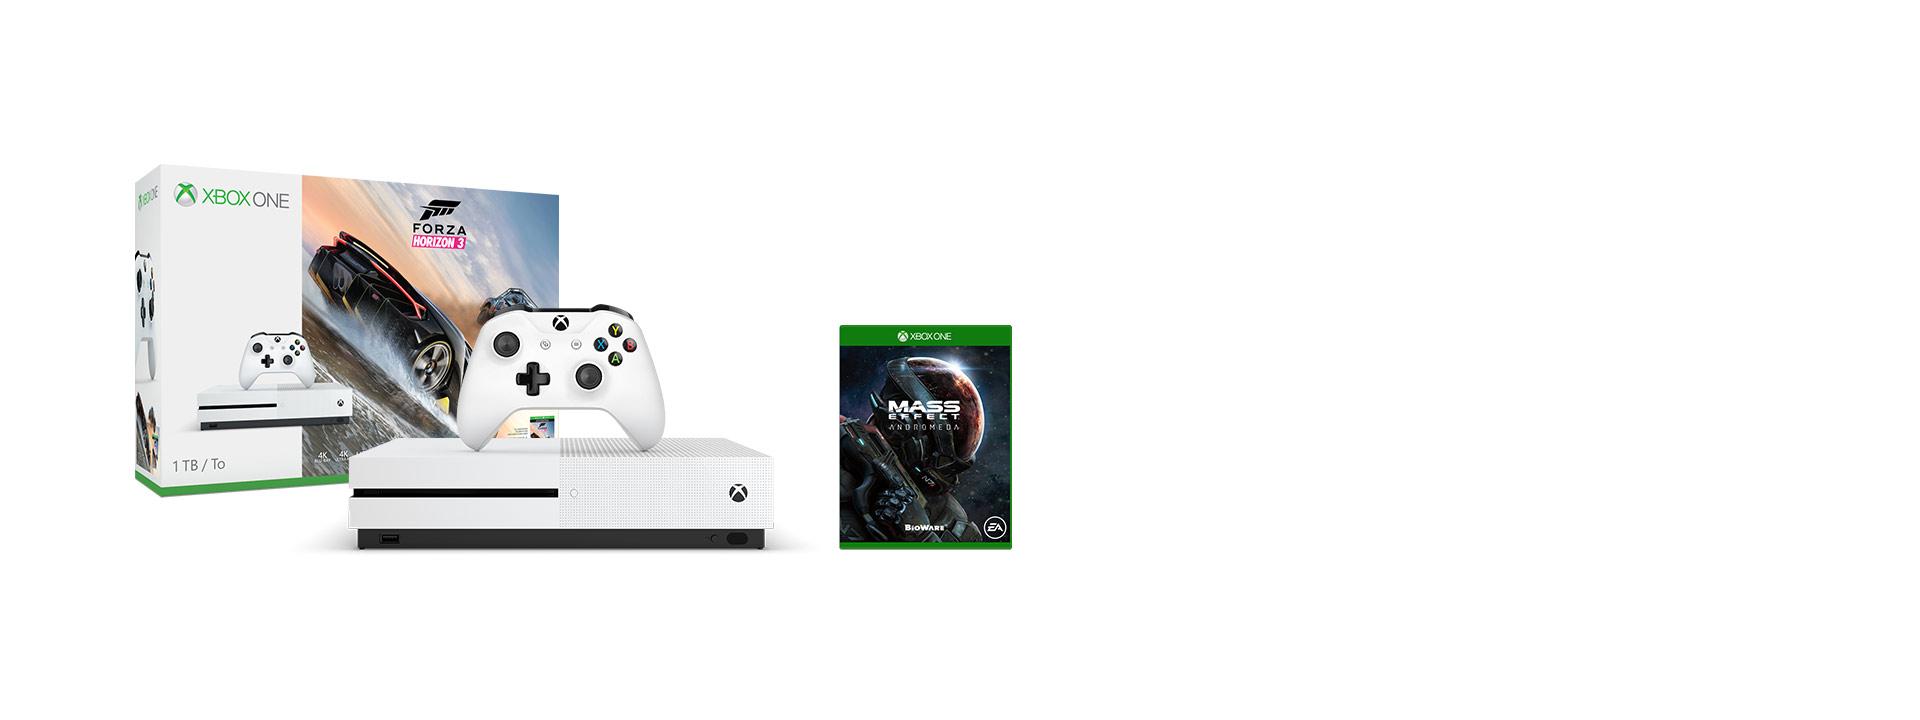 Xbox One S Forza Horizon 3 (1TB)